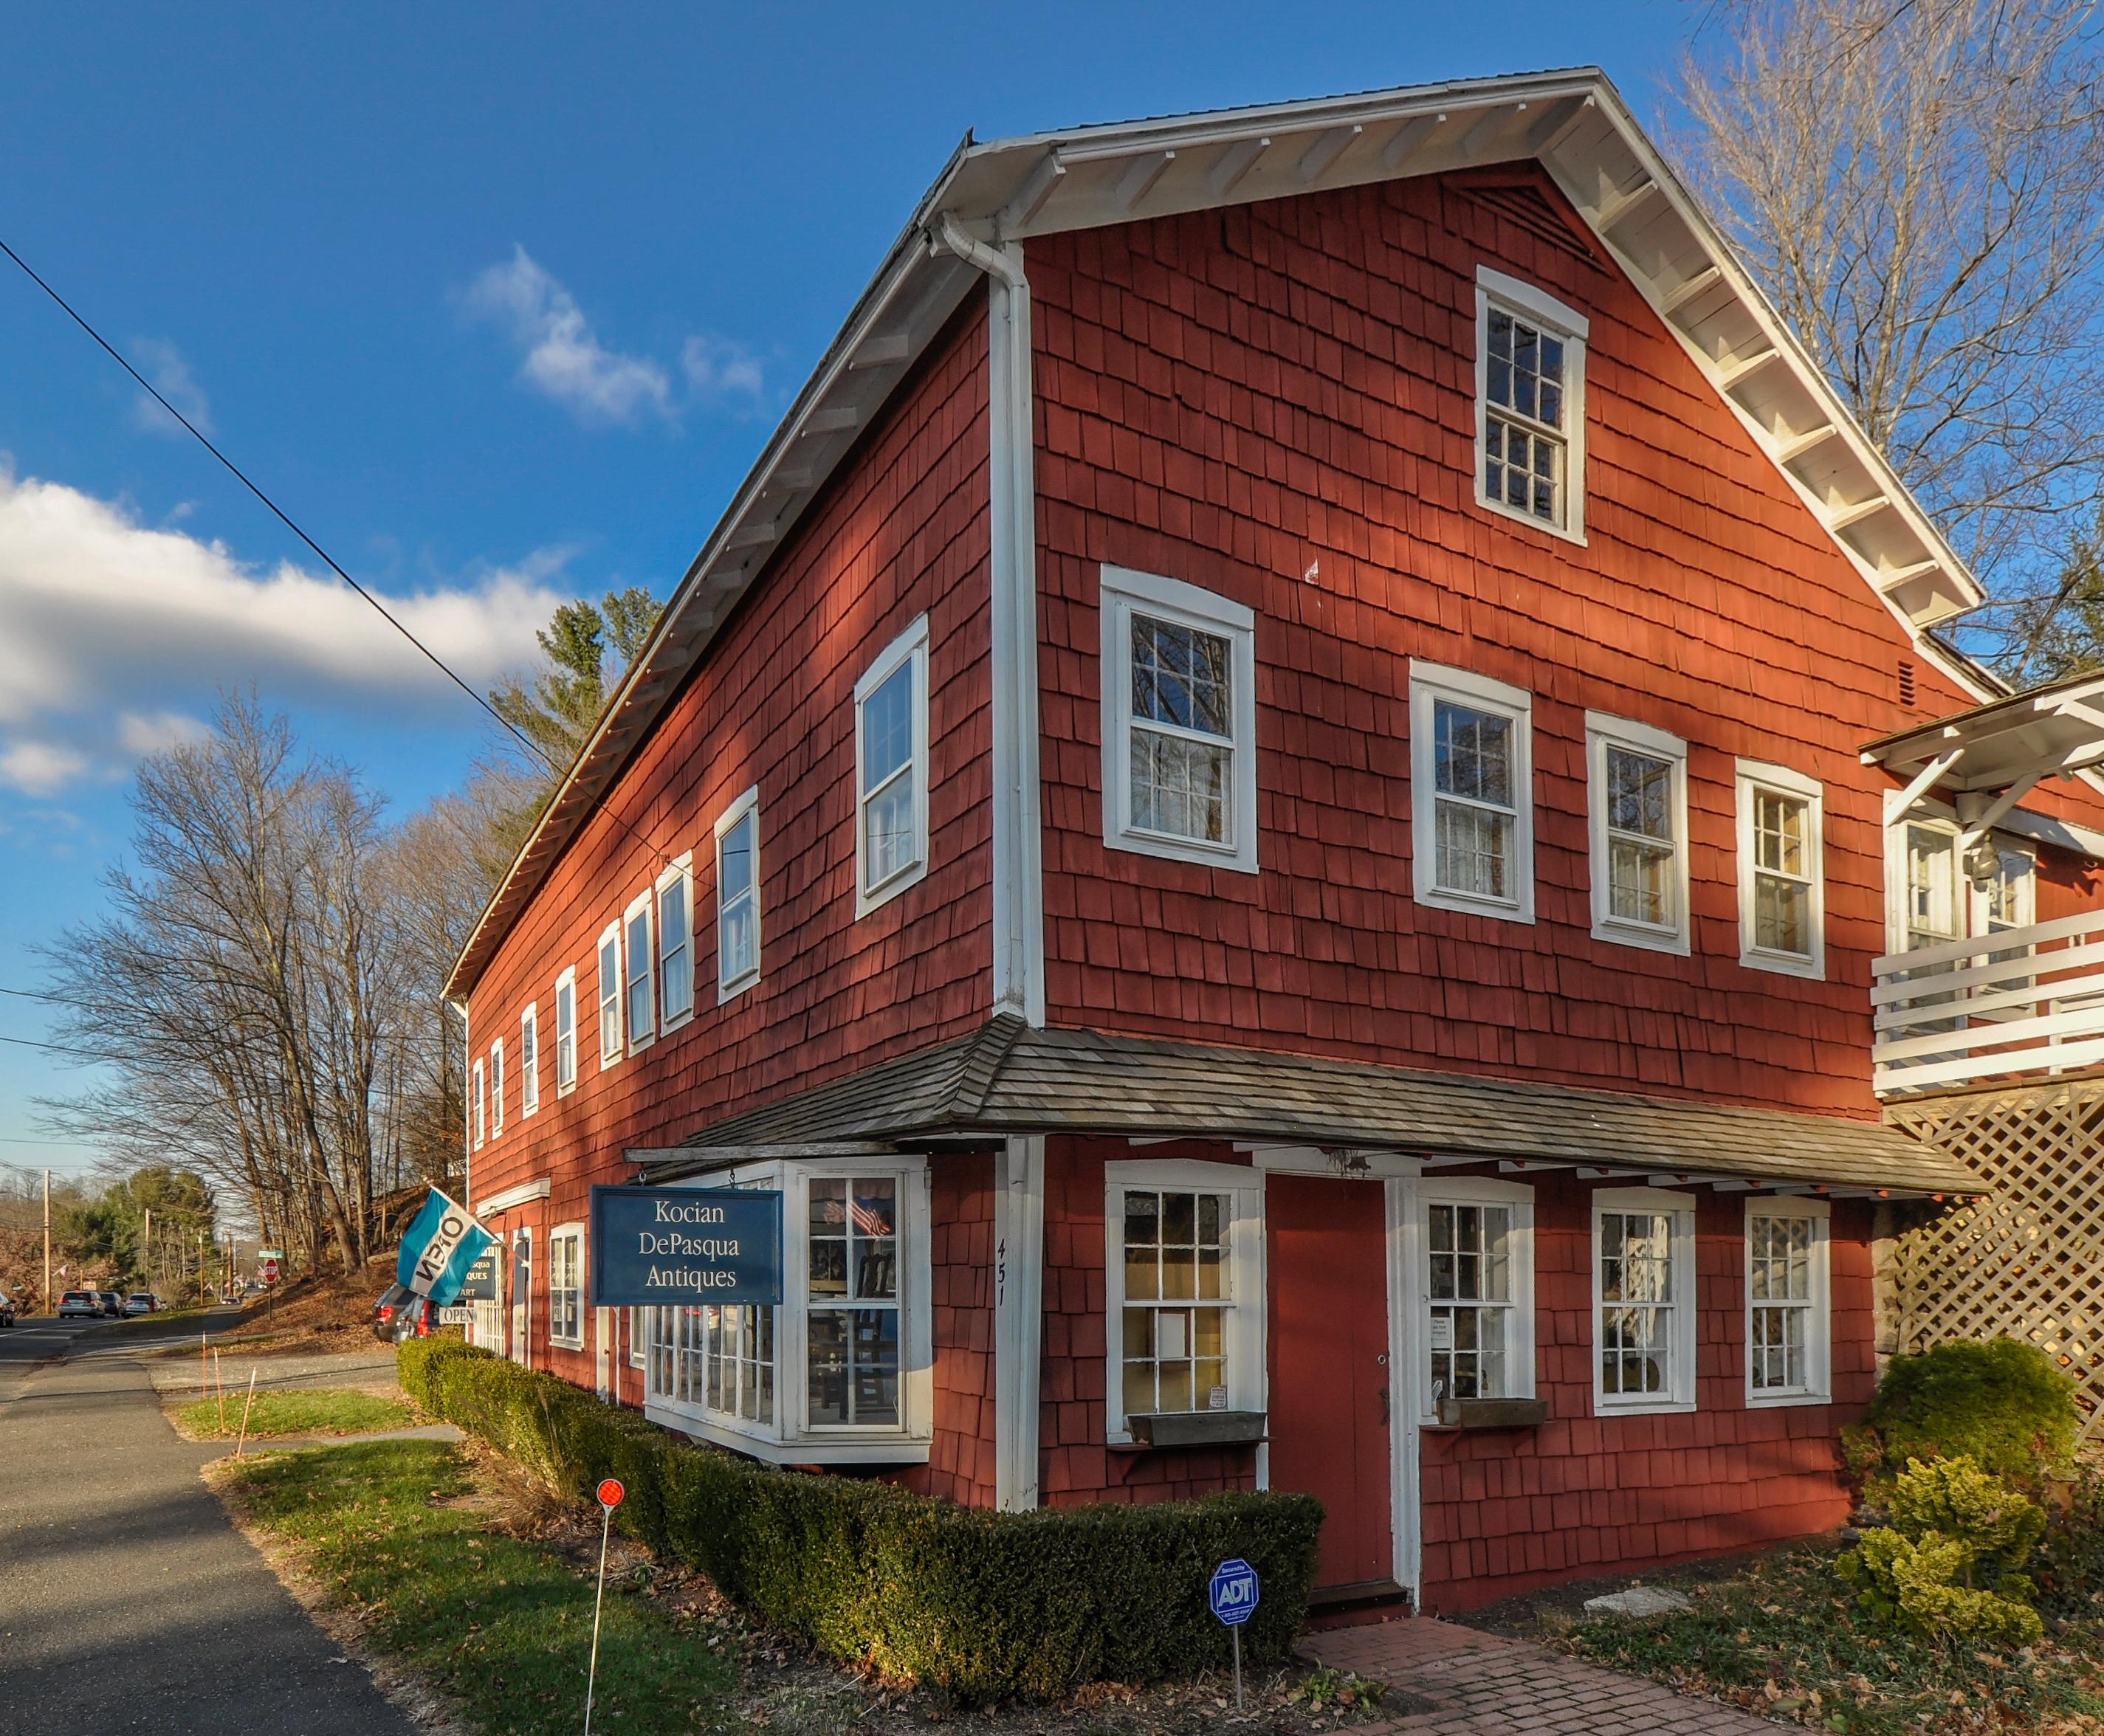 Casa Multifamiliar por un Venta en Live and Work in Woodbury 451 Main St Woodbury, Connecticut, 06798 Estados Unidos